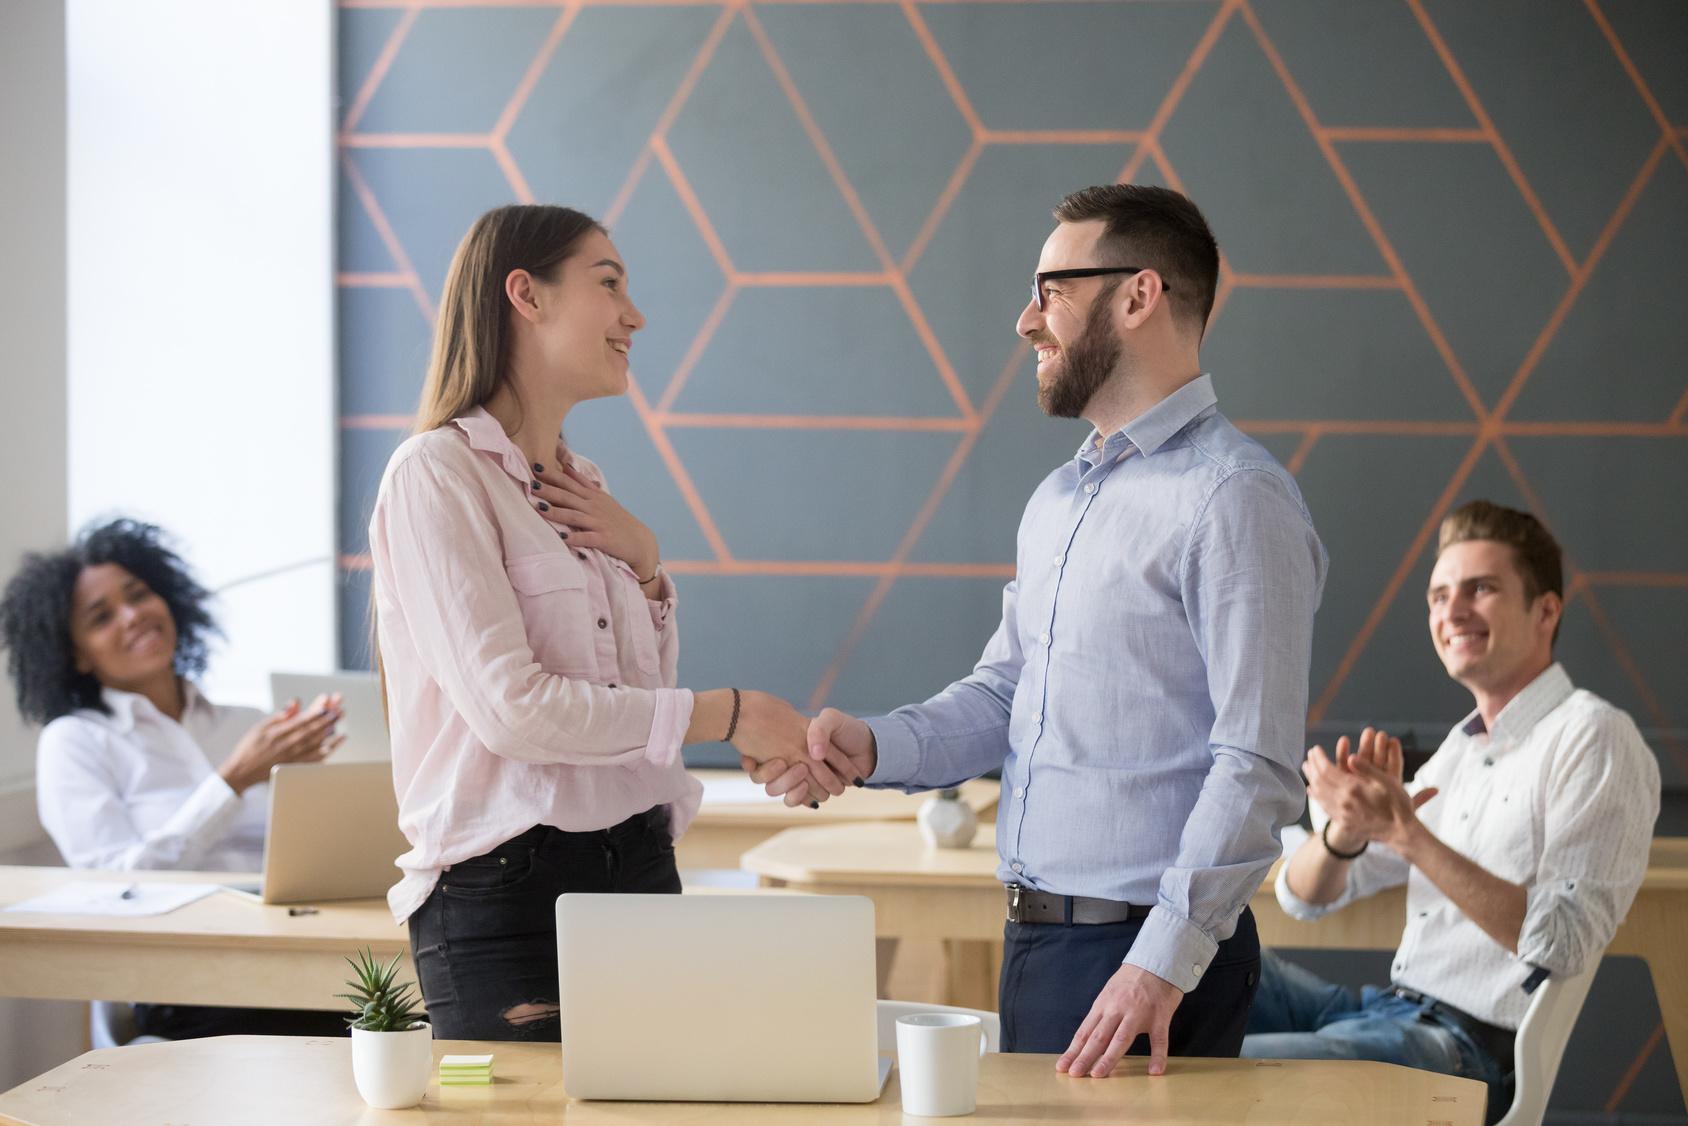 Resilienz und Wertschätzung sind wichtige Faktoren für die Mitarbeitergesundheit